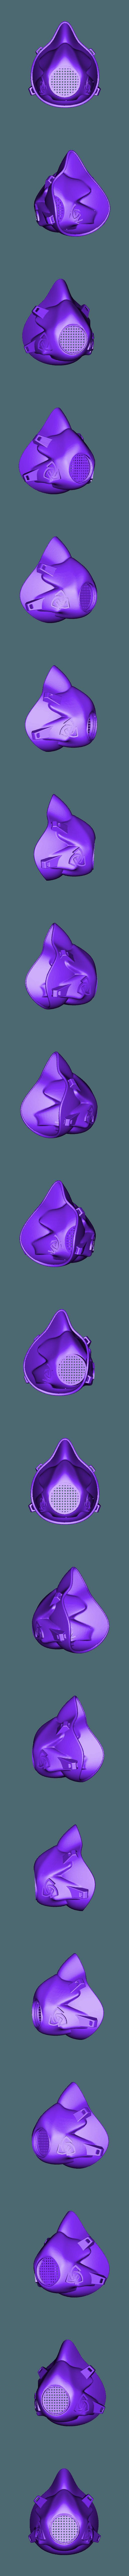 Imalize Mask Virus.stl Télécharger fichier STL gratuit Masque FMP Imalize securité COVID-19 (Facile à imprimer, aucun support, filtre requis) • Objet imprimable en 3D, Imalize